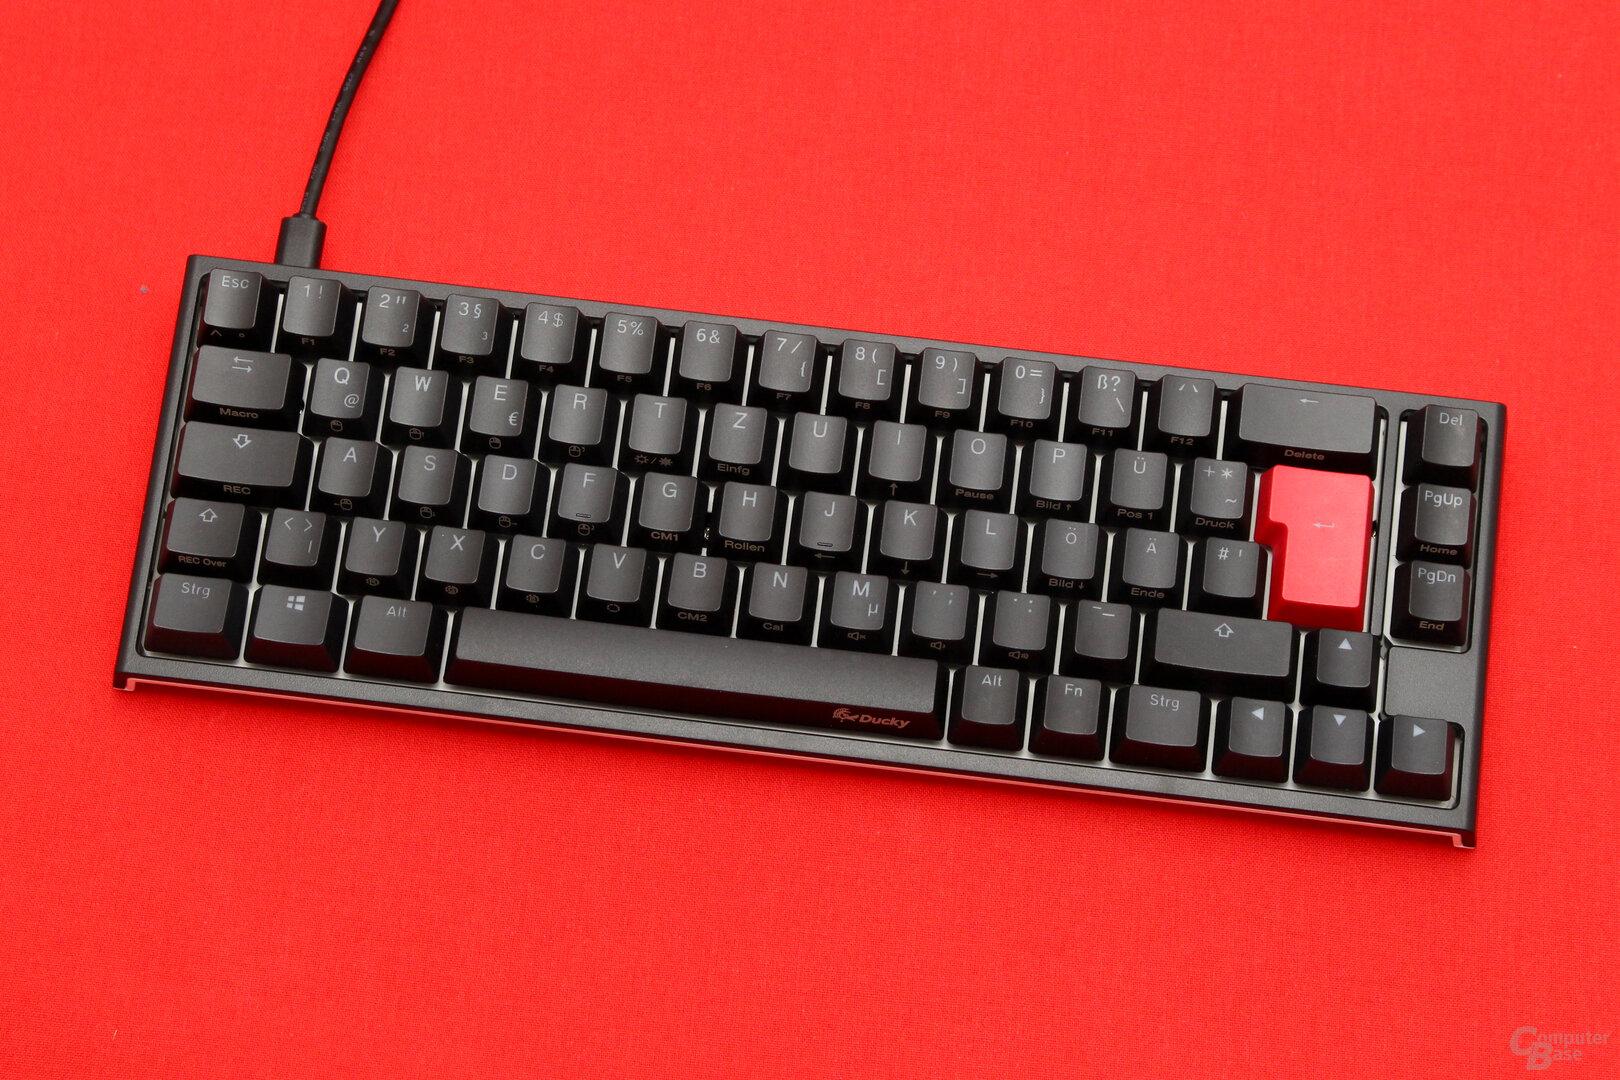 """Ducky erweitert das """"Hacker""""-Layout um häufig genutzte Standardtasten"""